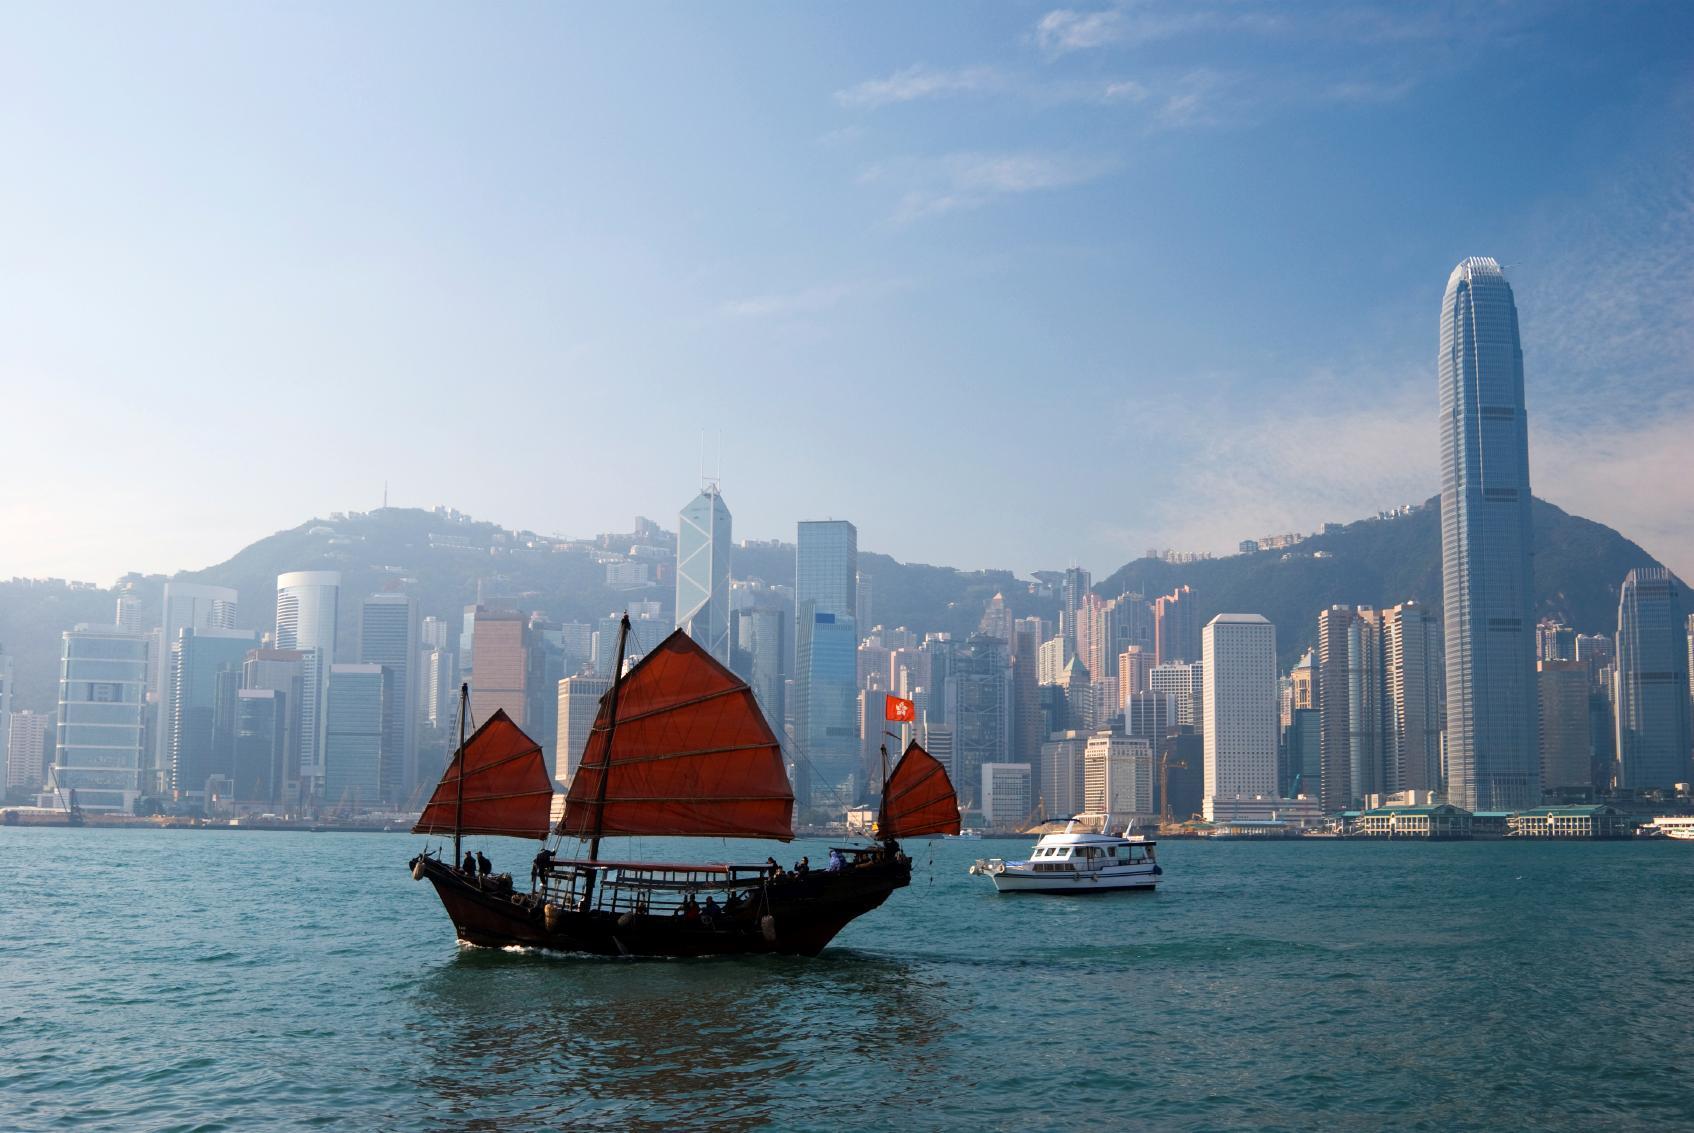 Hong Kong HD Wallpapers Backgrounds Wallpaper